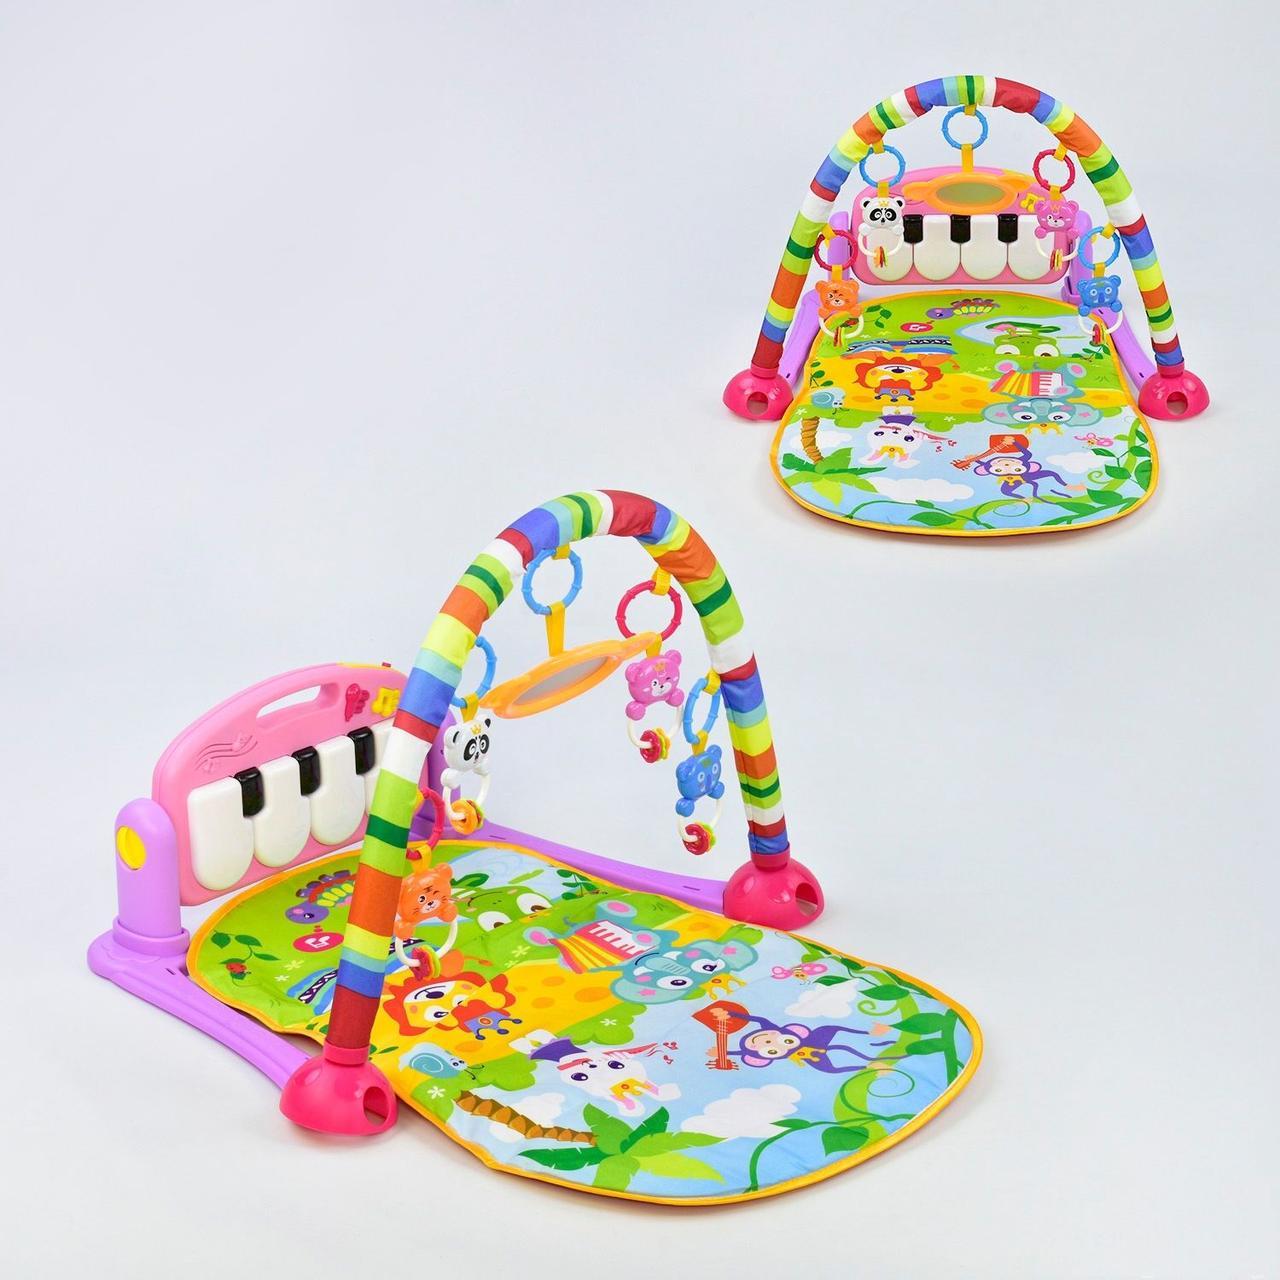 Яркий детский музыкальный коврик HE 0604 с пианино и подвесными игрушками розовый